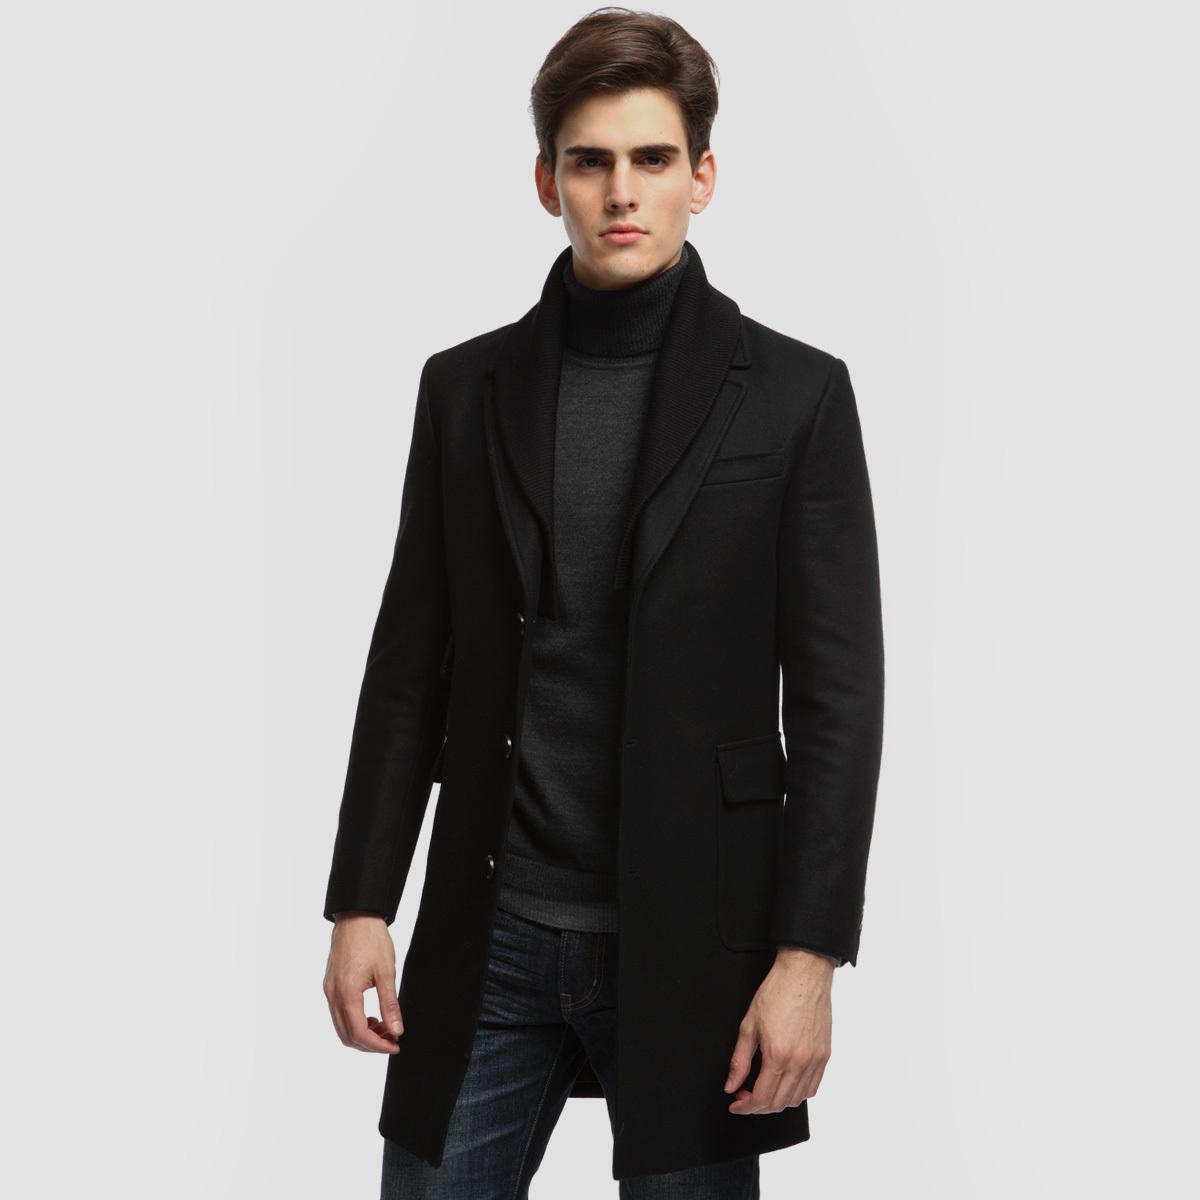 думали, что классическая мужская одежда весна осень фото температура контролируются